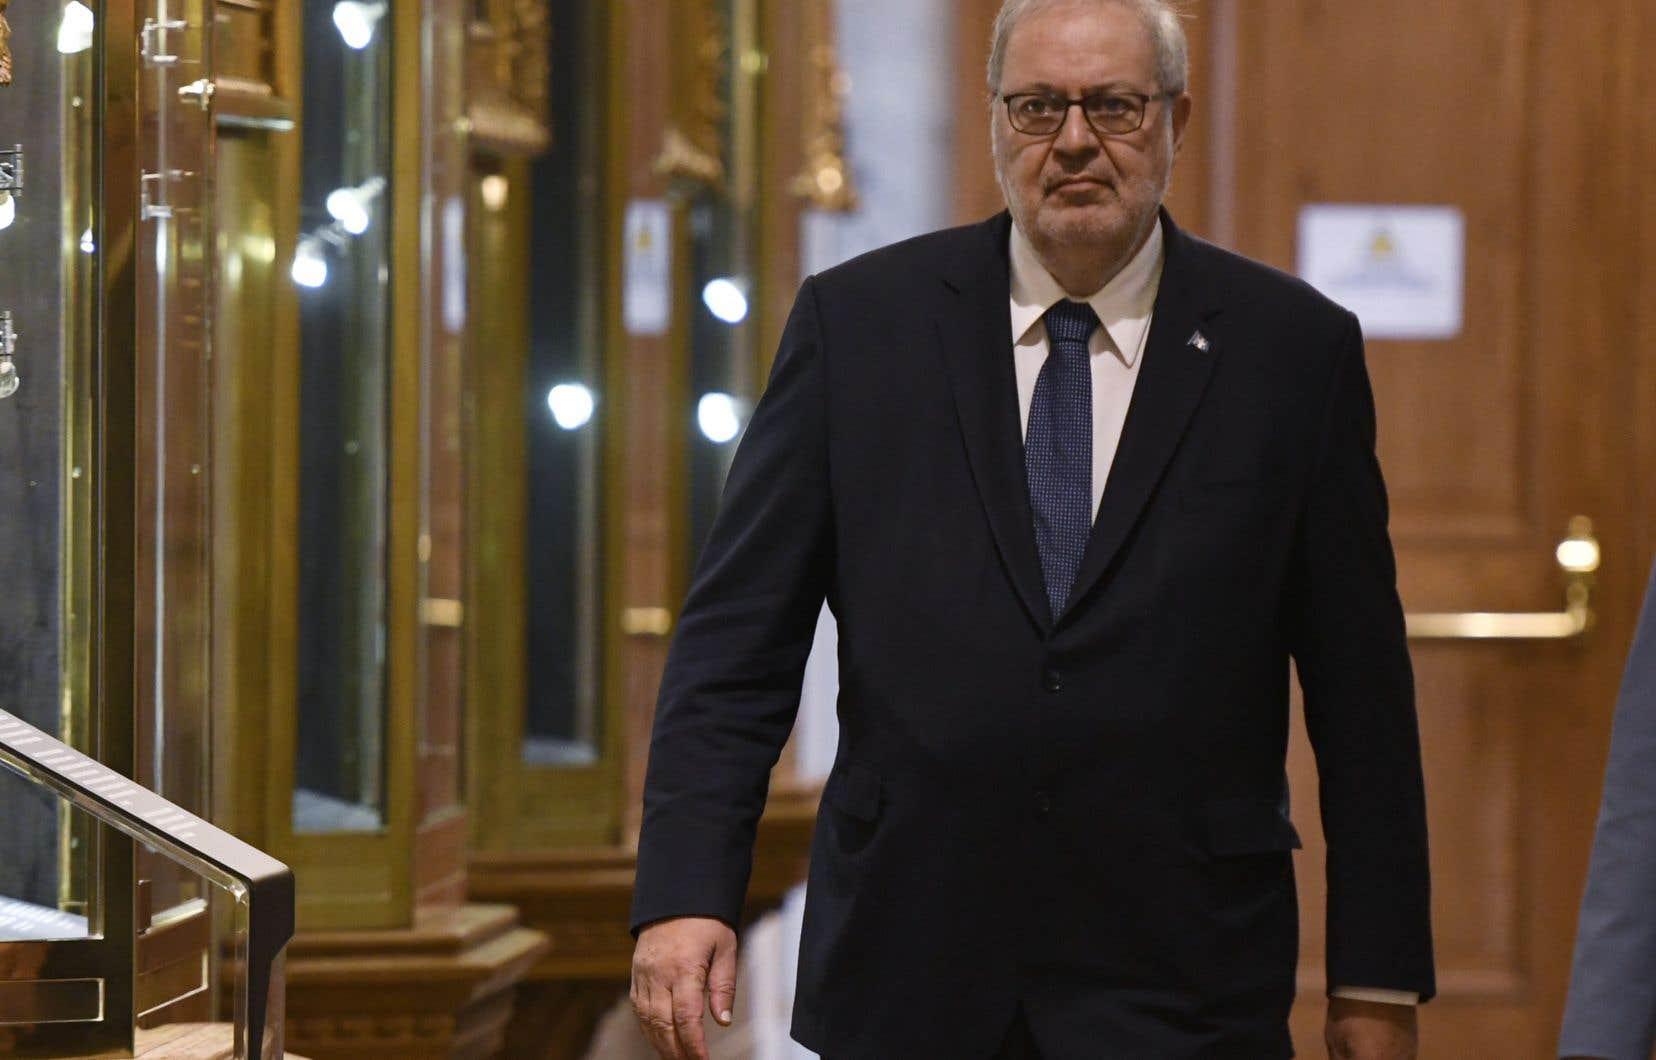 Pierre Arcandassure qu'il respectera «scrupuleusement les 14 jours de confinement» à son retour au Canada, comme toute personne revenant au pays.